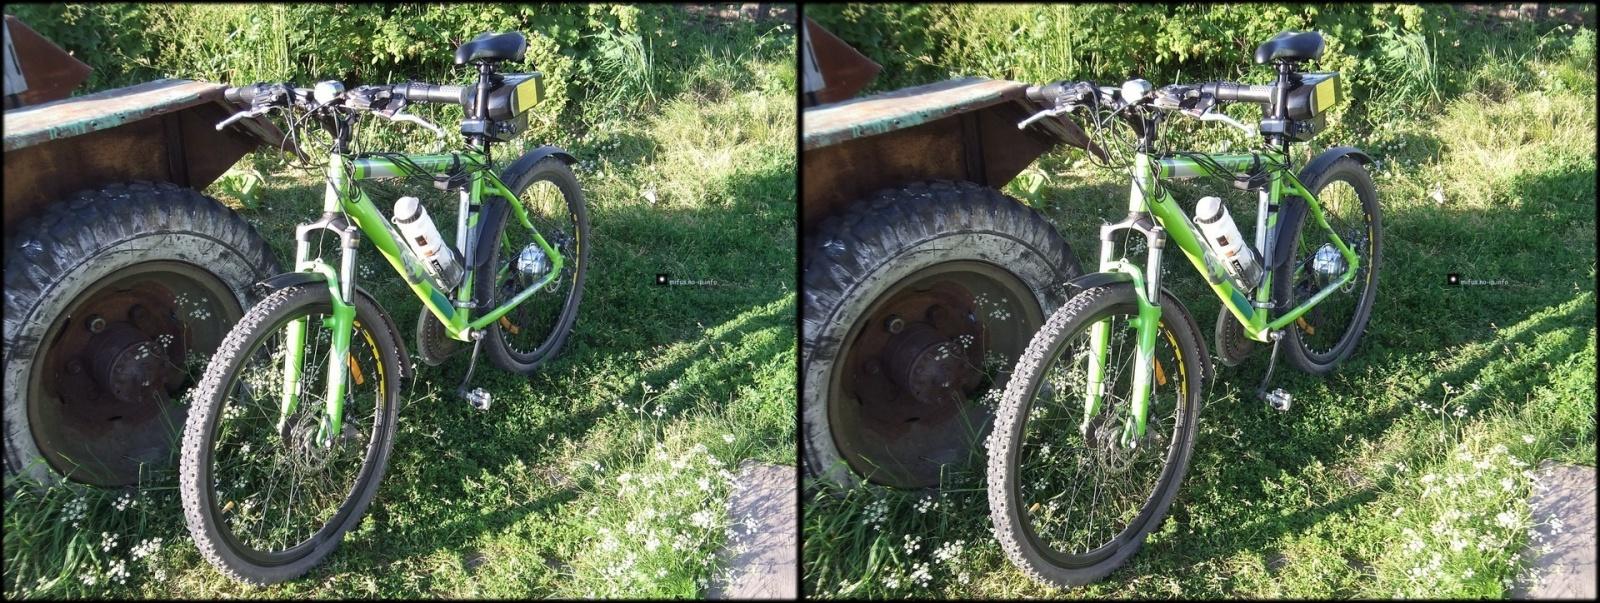 Электровелосипед — доступность и эффективность на личном примере - 8